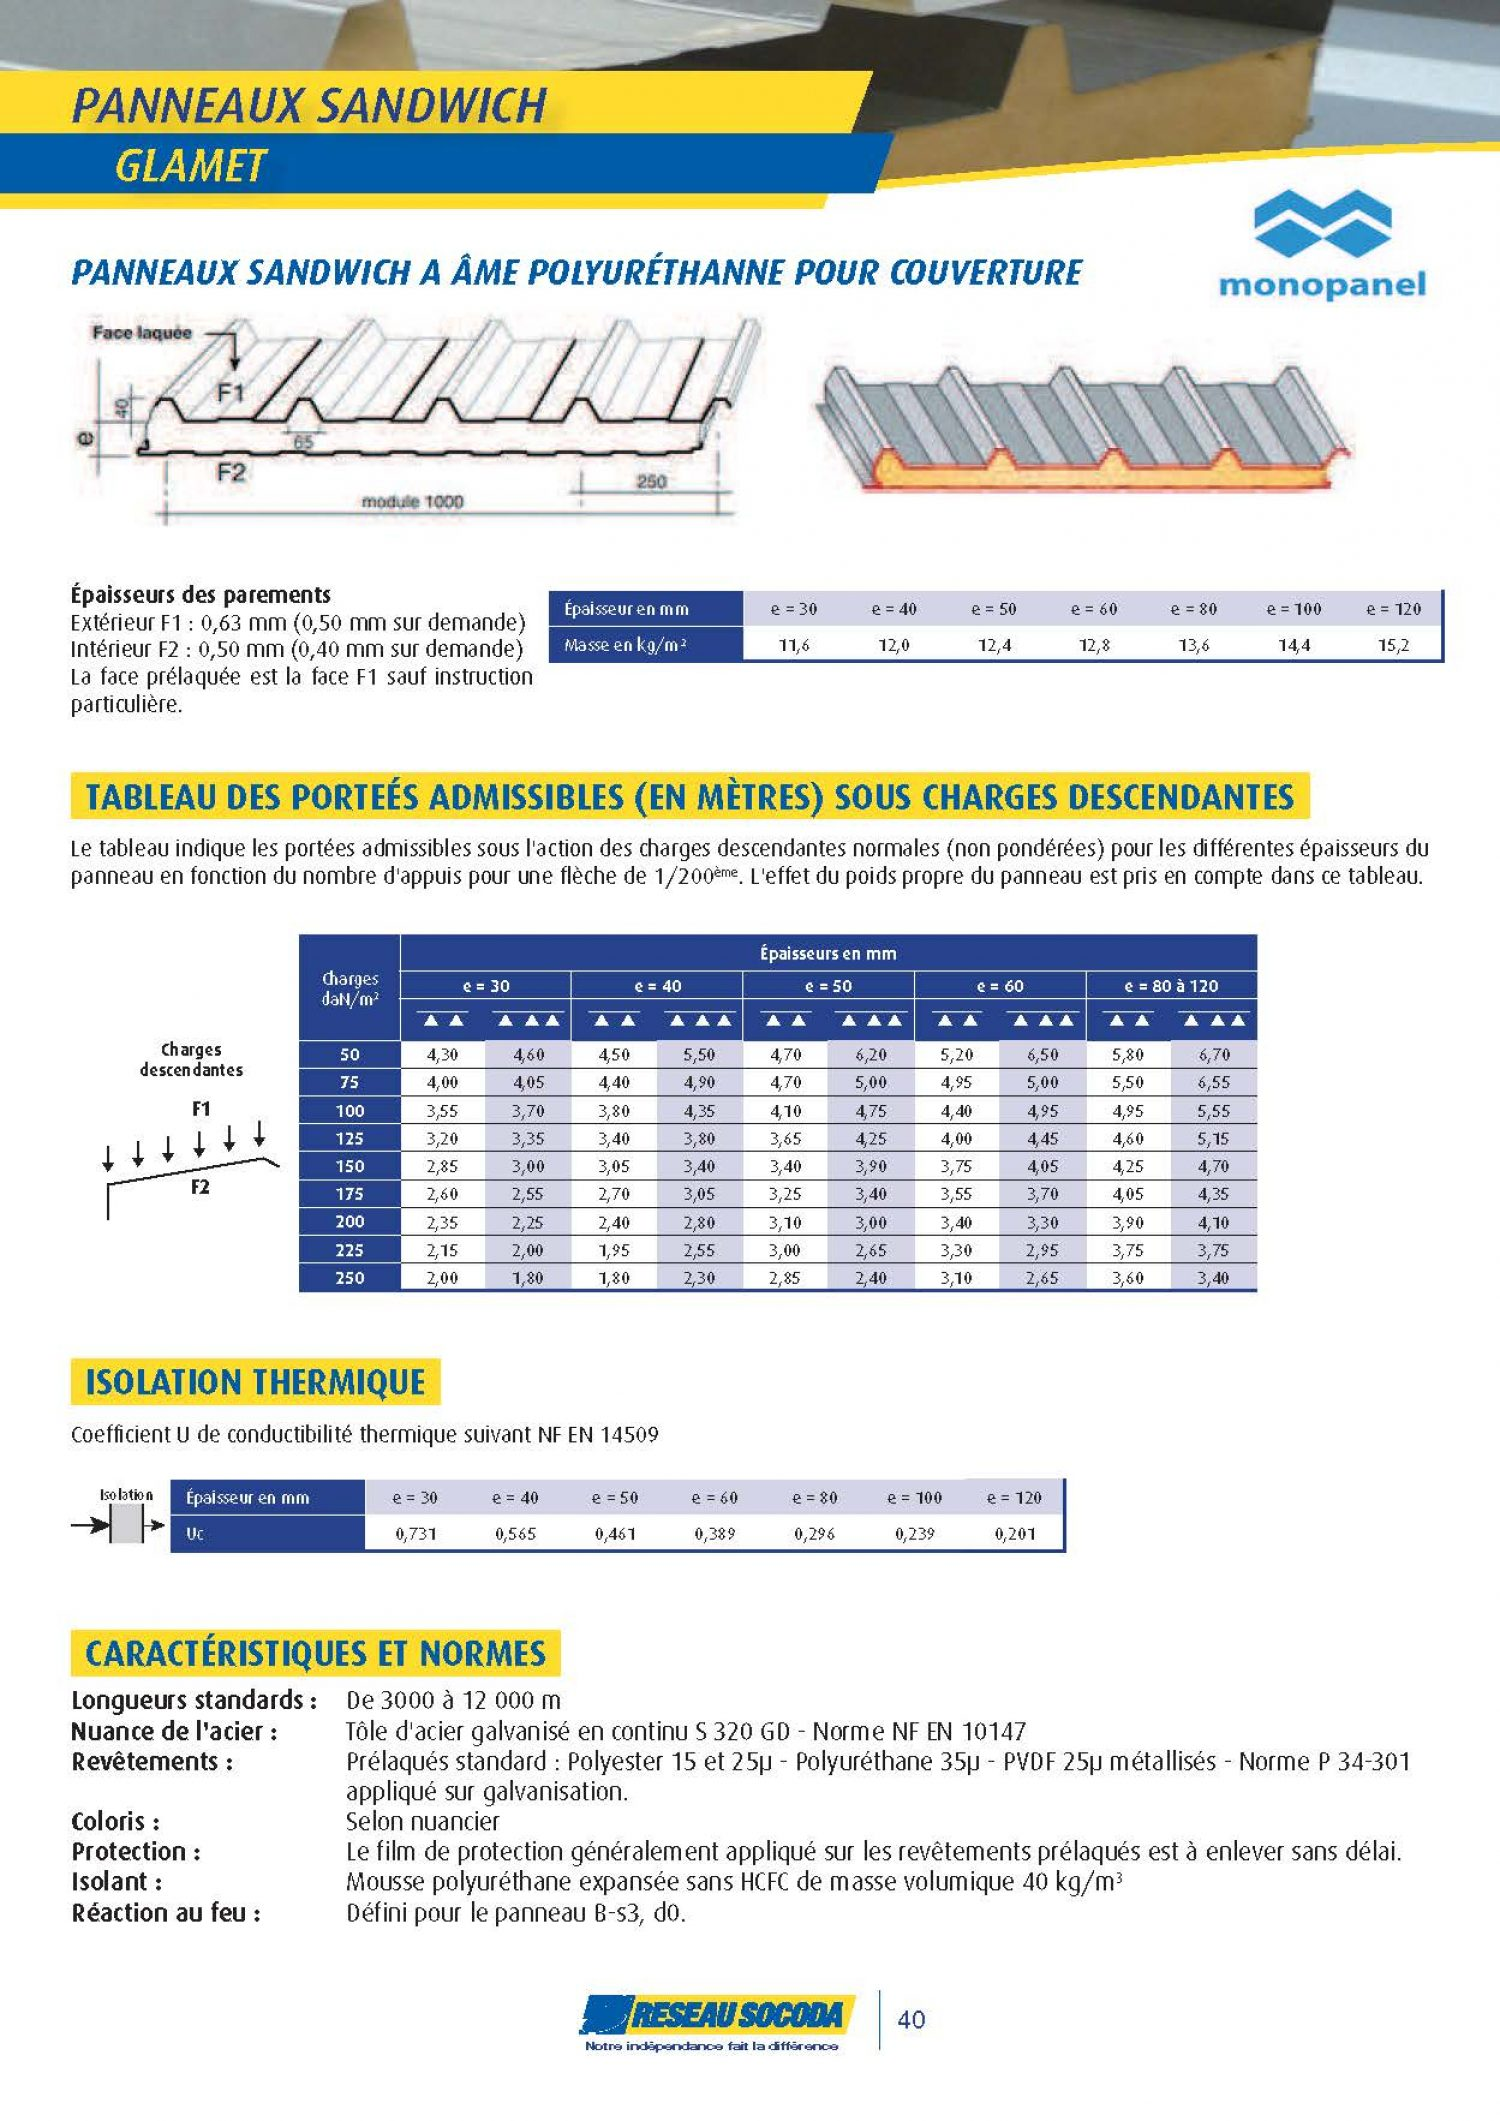 GERMOND_2014 PROFIL BATIMENT_20140324-184231_Page_40